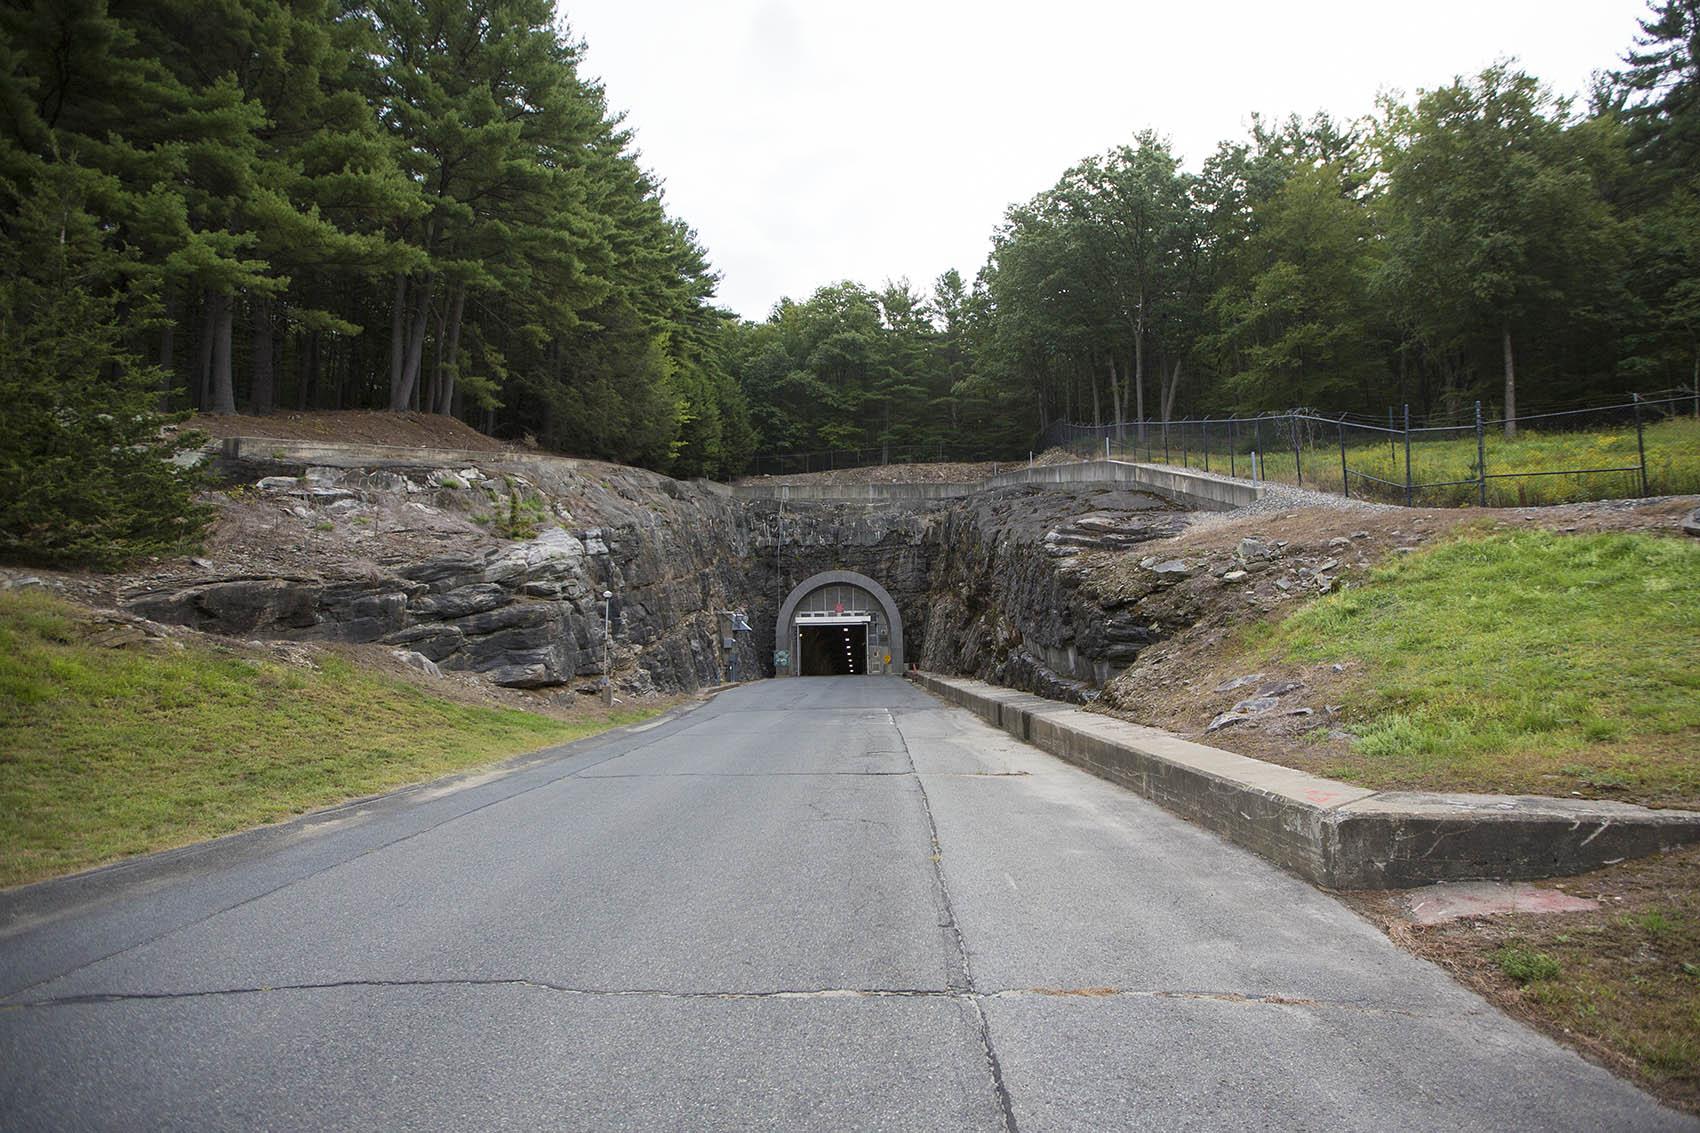 New England S Largest Battery Is Hidden Inside A Mass